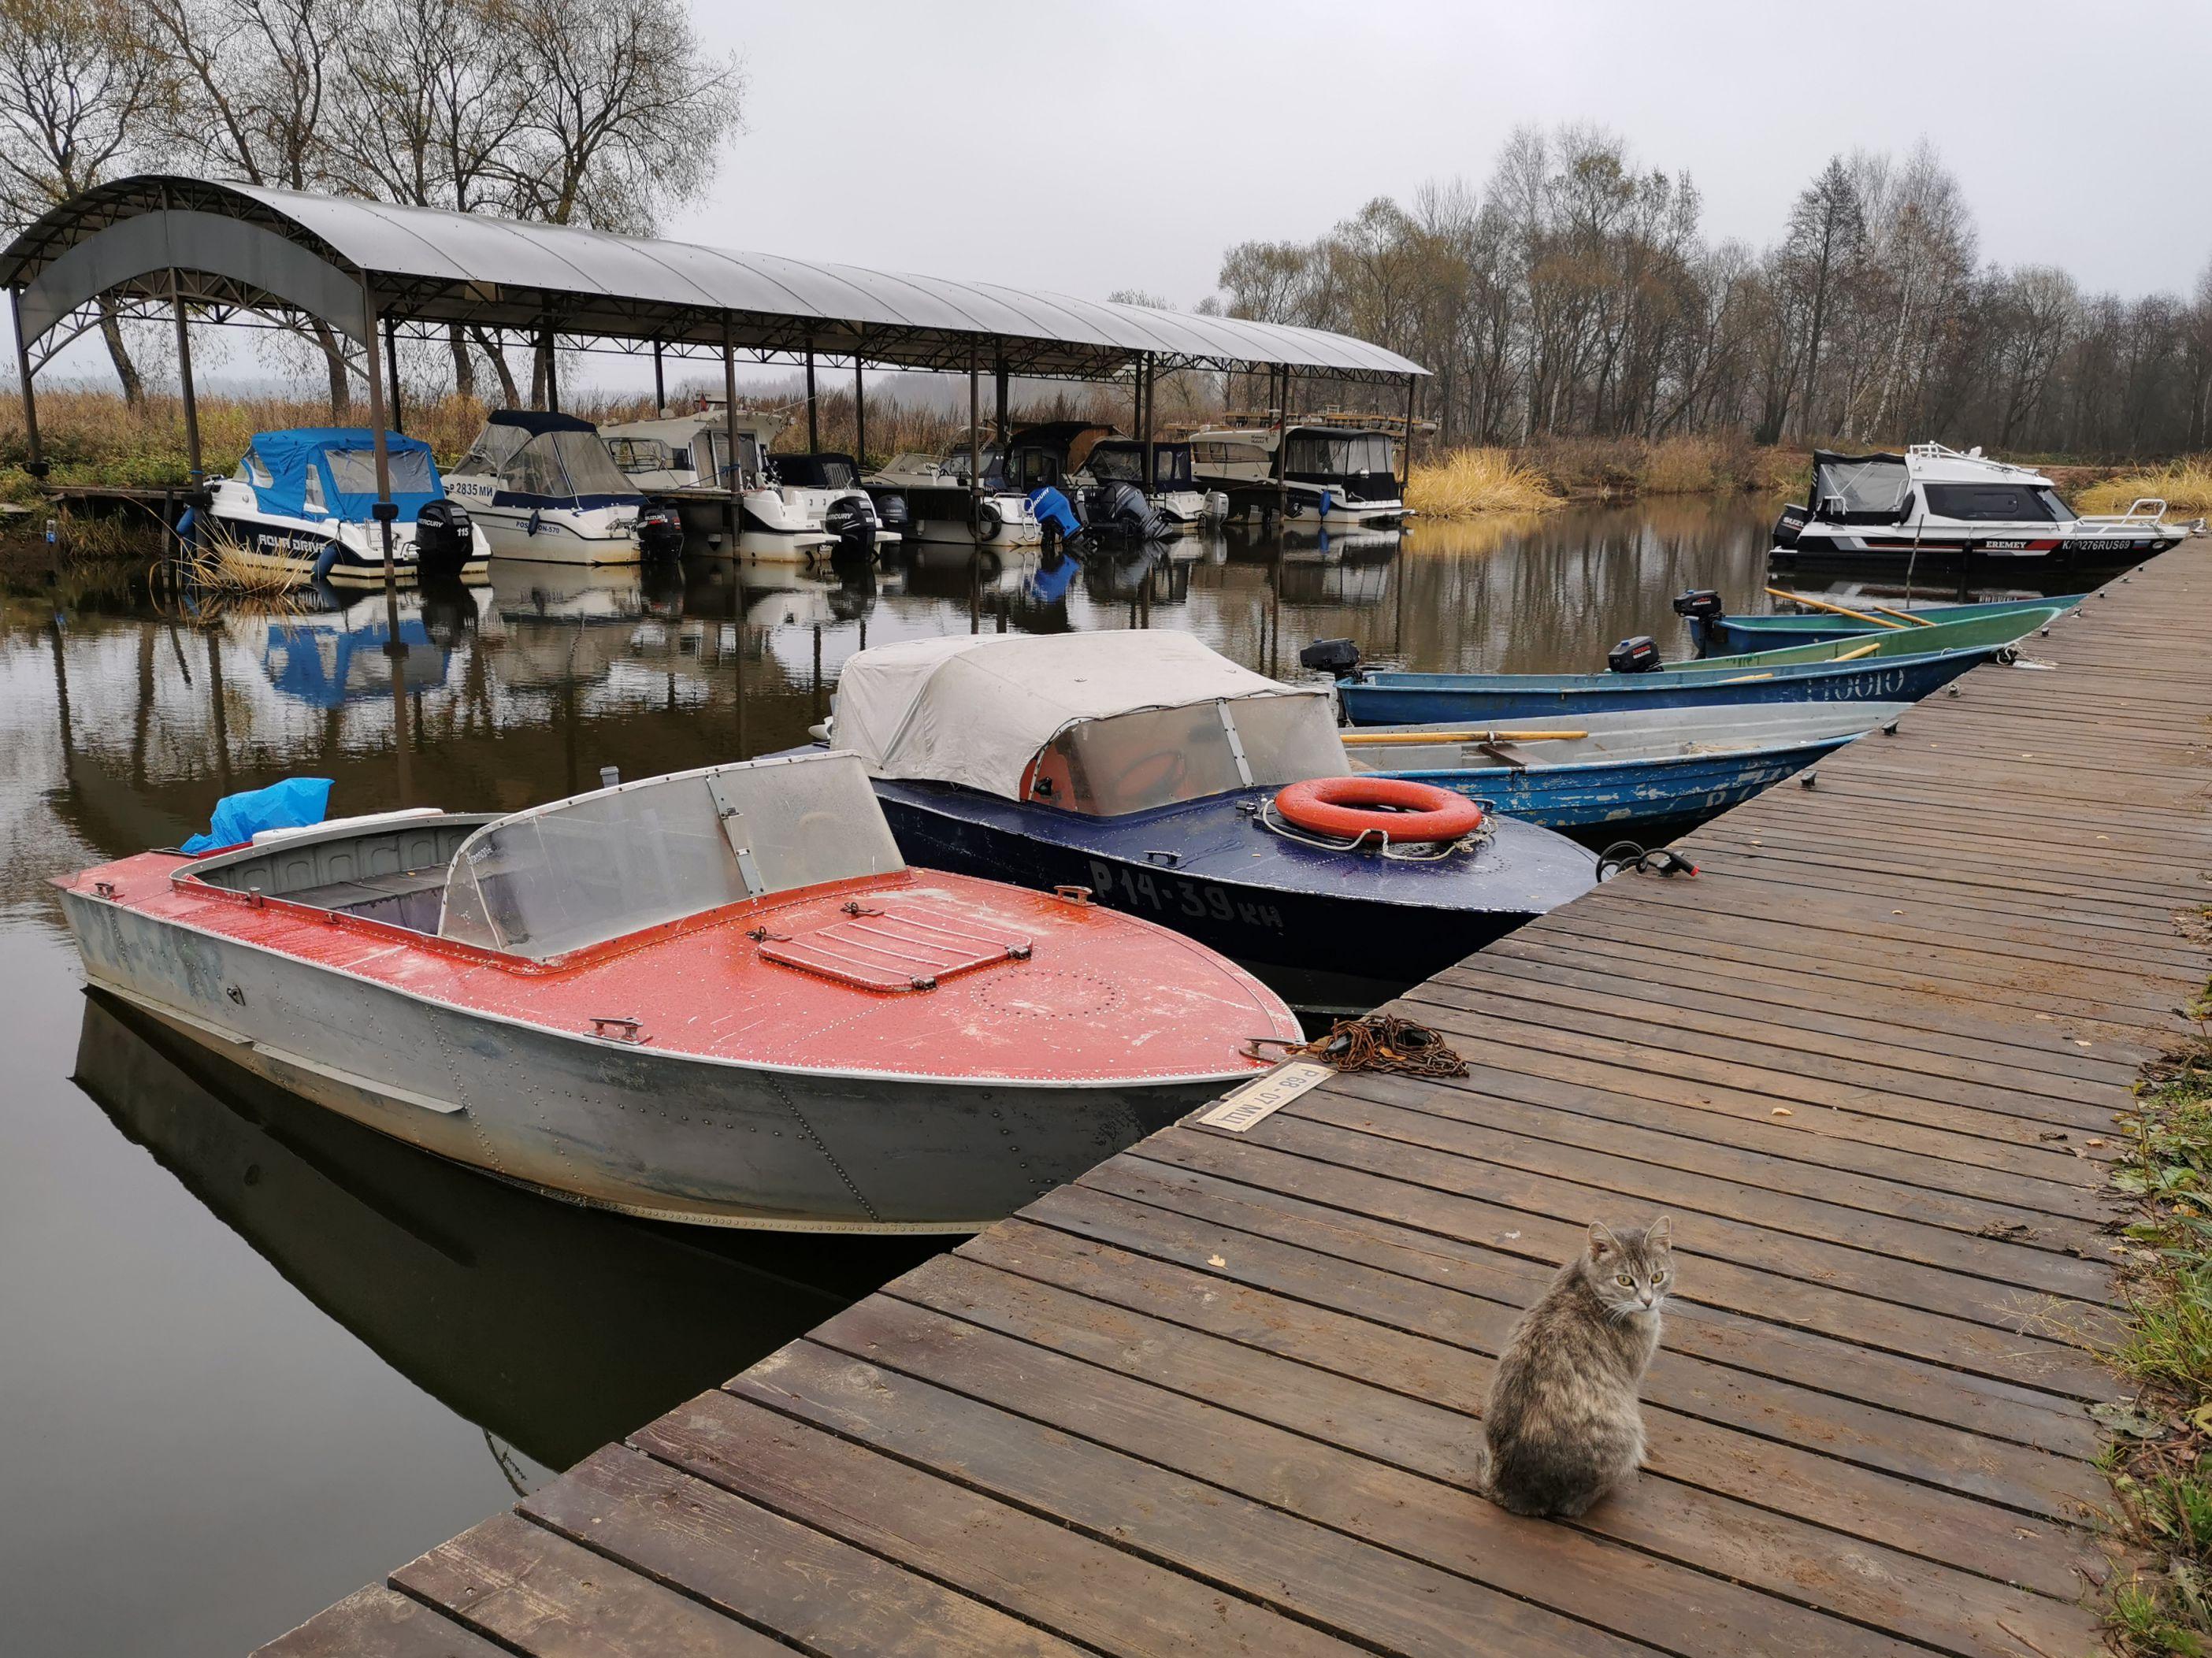 rybolovnaya-baza-sknyatino